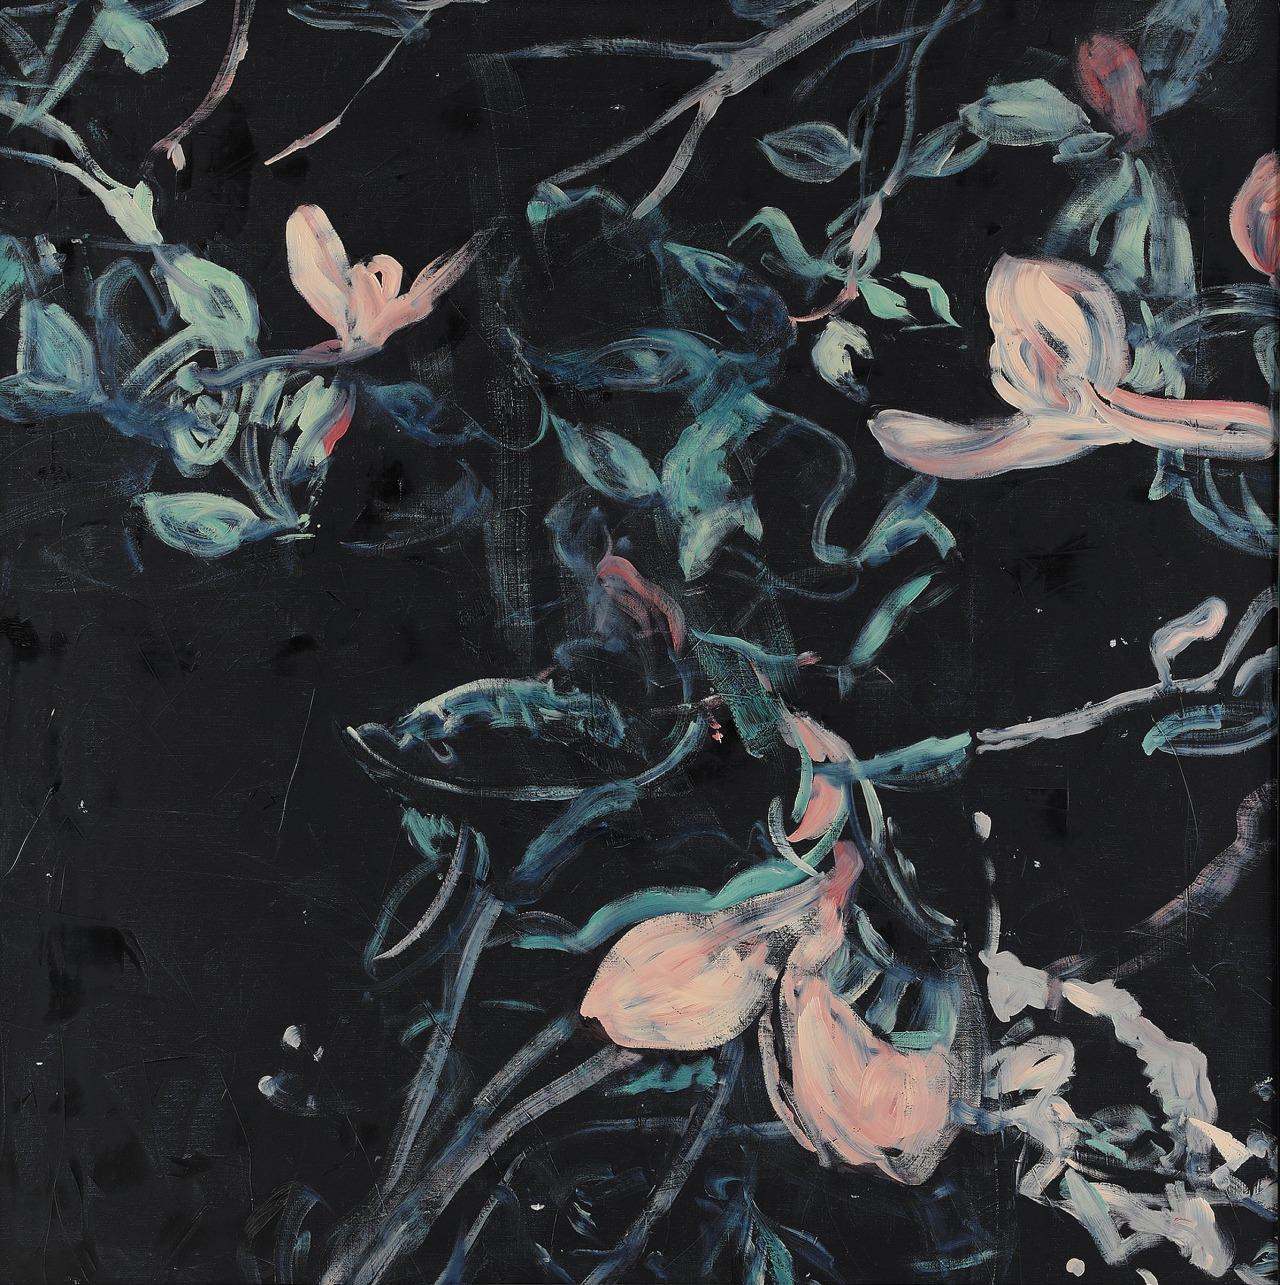 patternbase :     Ola Billgren,  Nattlig växt III  [Nocturnal plant III], 1991.